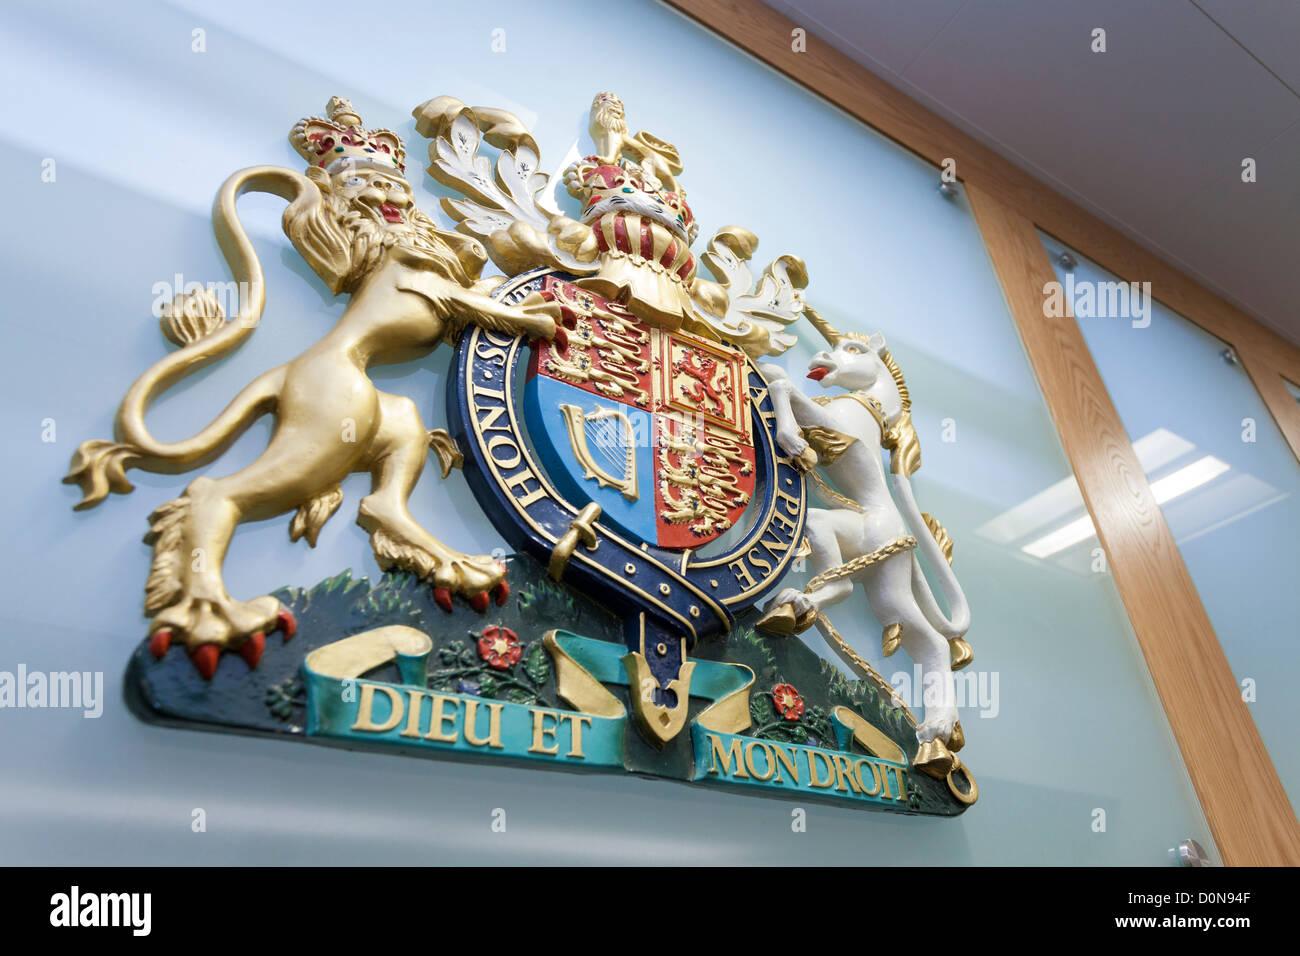 El escudo del escudo de armas del Reino Unido detrás de un Tribunal de banco. Foto de stock